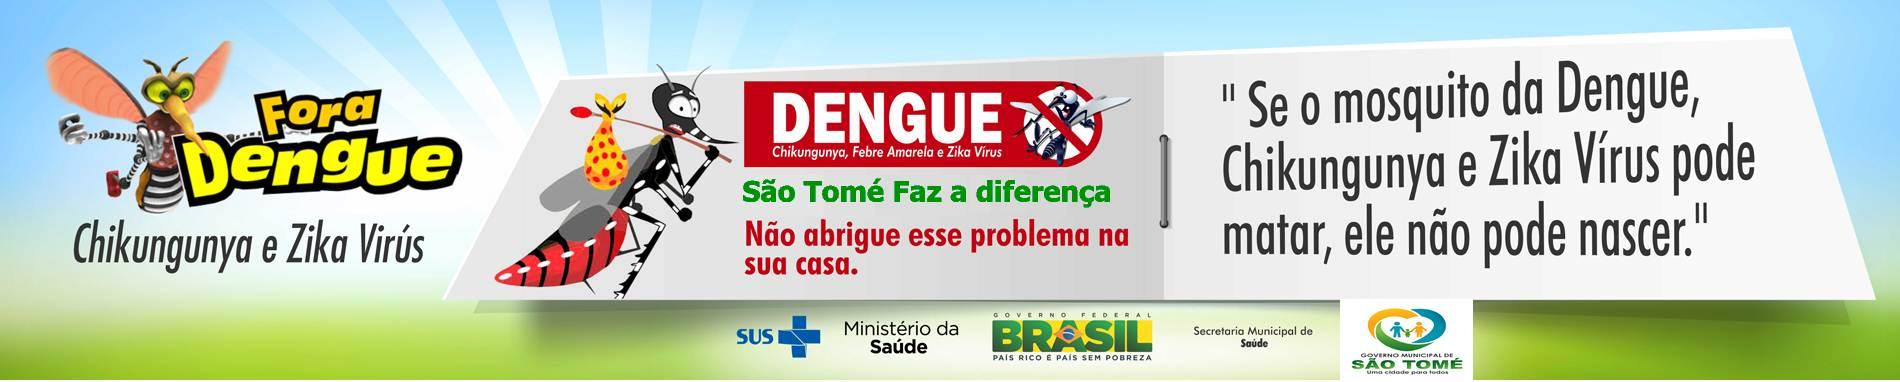 Evite a denguem em seu quintal